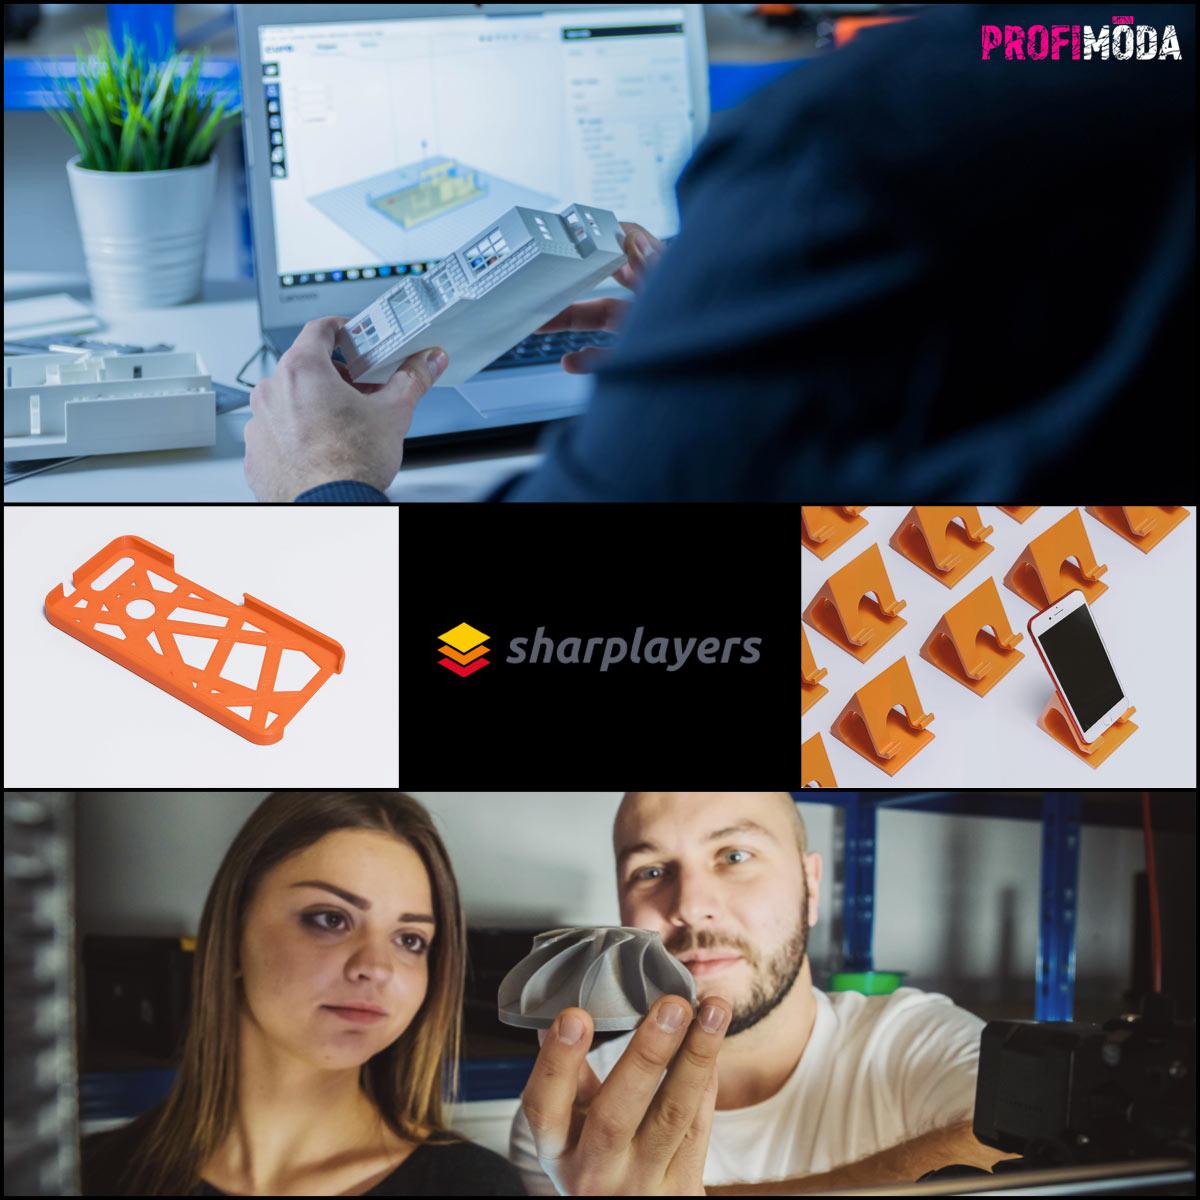 Sharplayers je startup, který pomáhá rovněž designérům, módním návrhářům a šperkařům realizovat jejich kreativní vize.